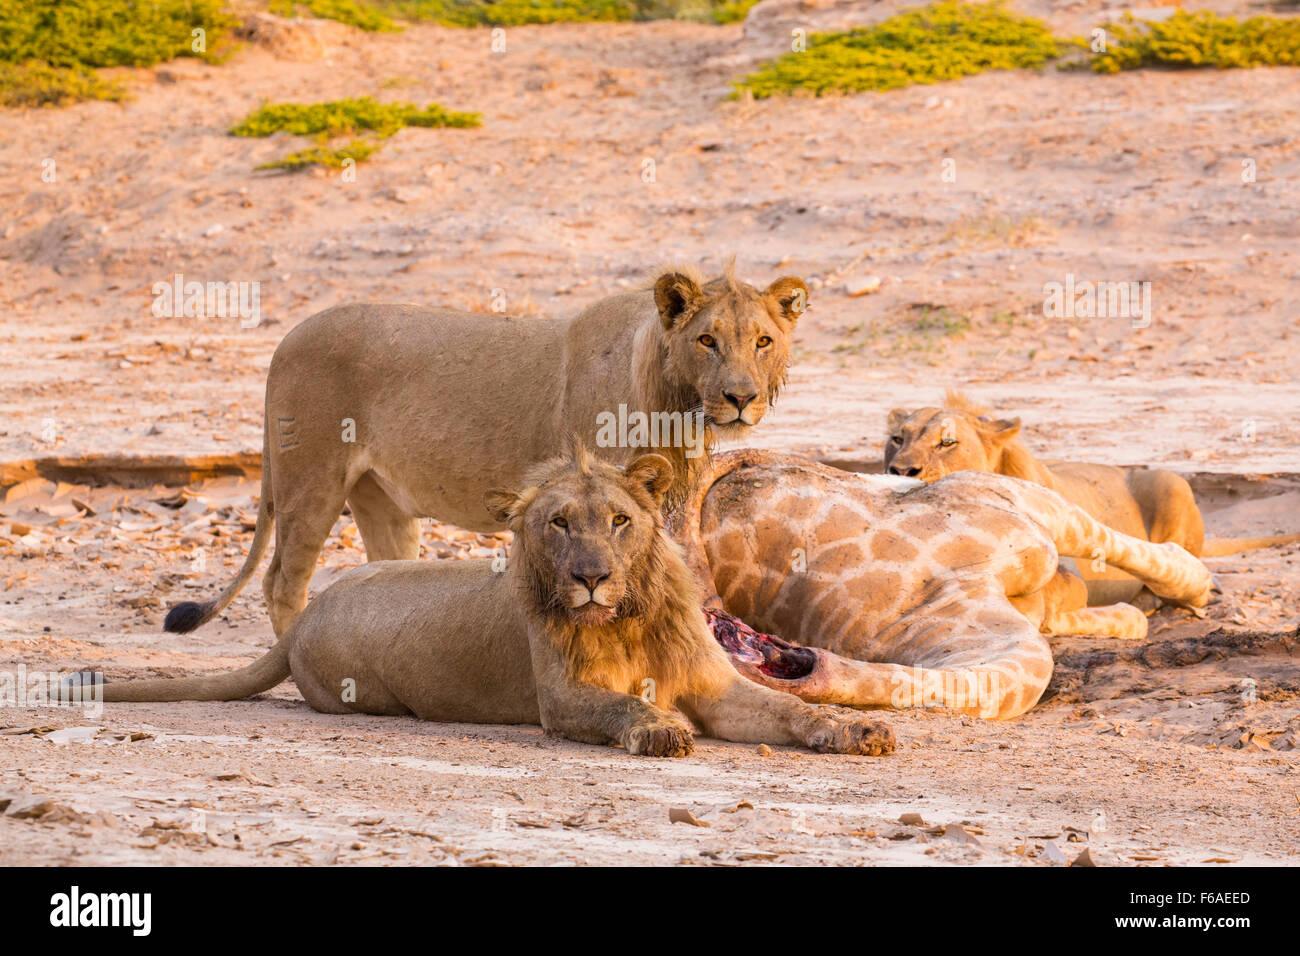 Orgullo de león jirafa matar en Kaokoveld, Namibia, África Imagen De Stock